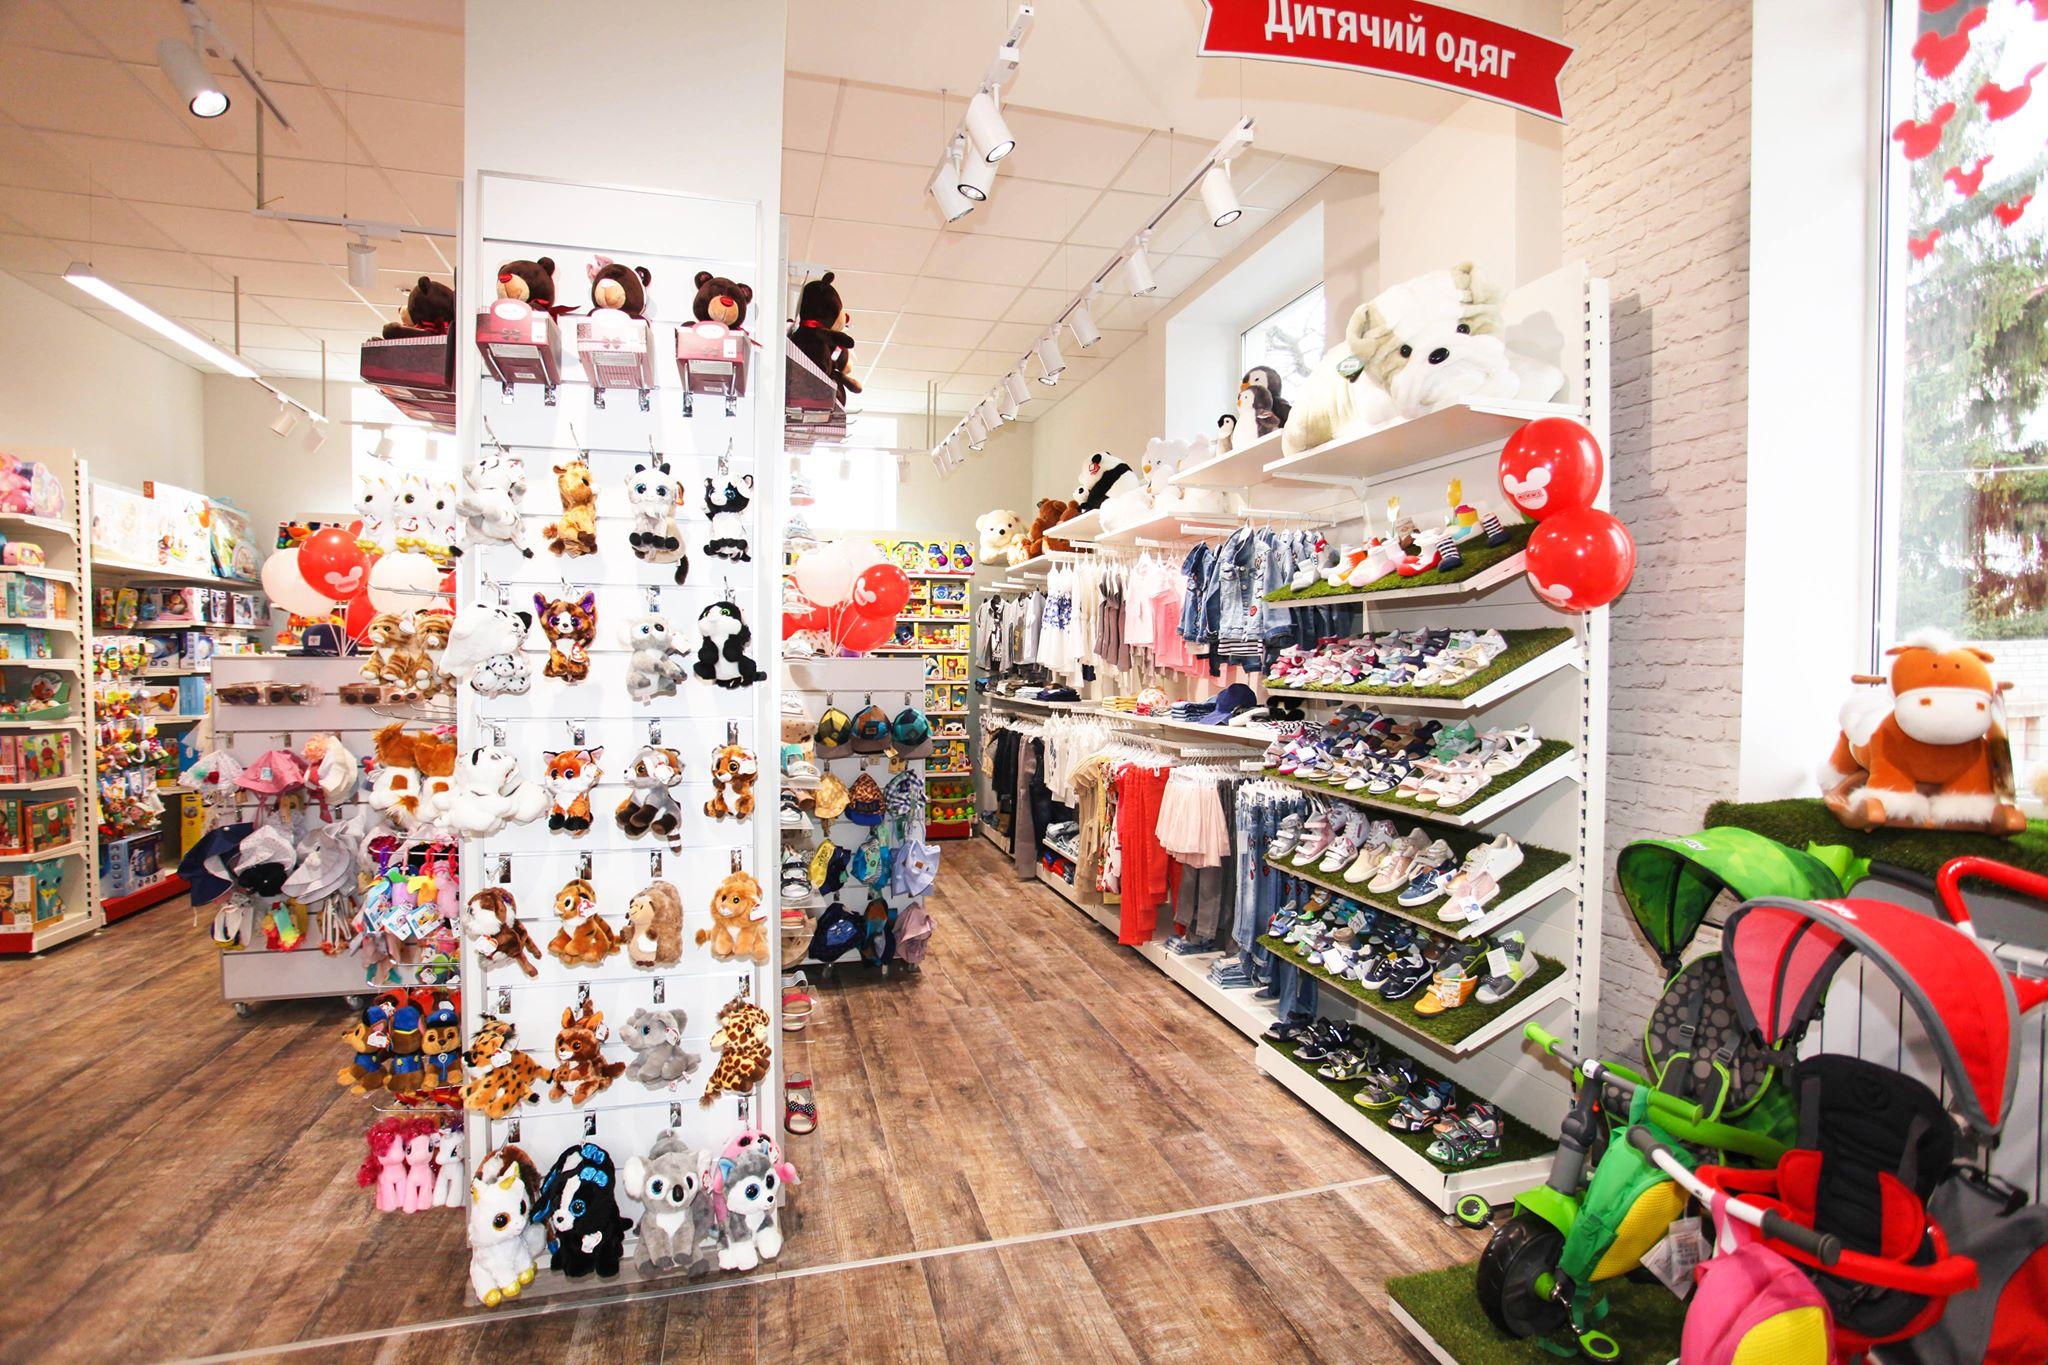 В 2018 году сеть Міккі планирует открыть пять магазинов в обновленном  формате. c0b9e37044f